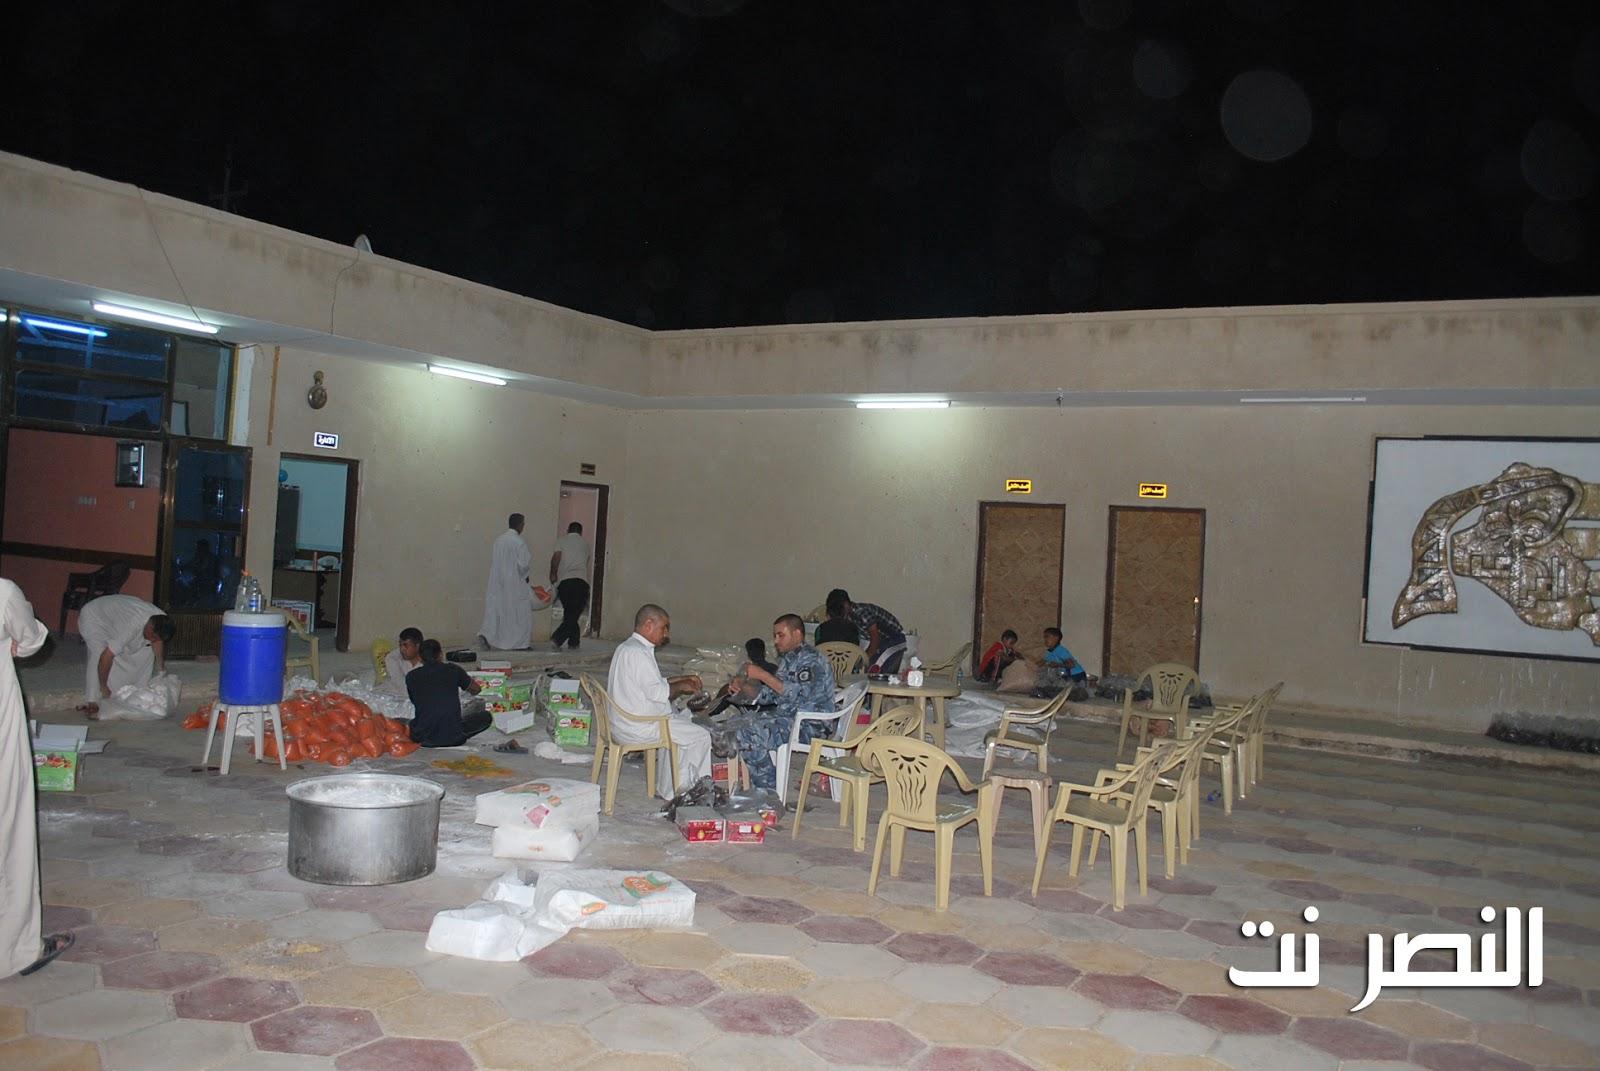 مبرة النصر للأيتام تباشر توزيع سلة رمضان بالتعاون مع الجمعيات الخيرية  DSC_0116